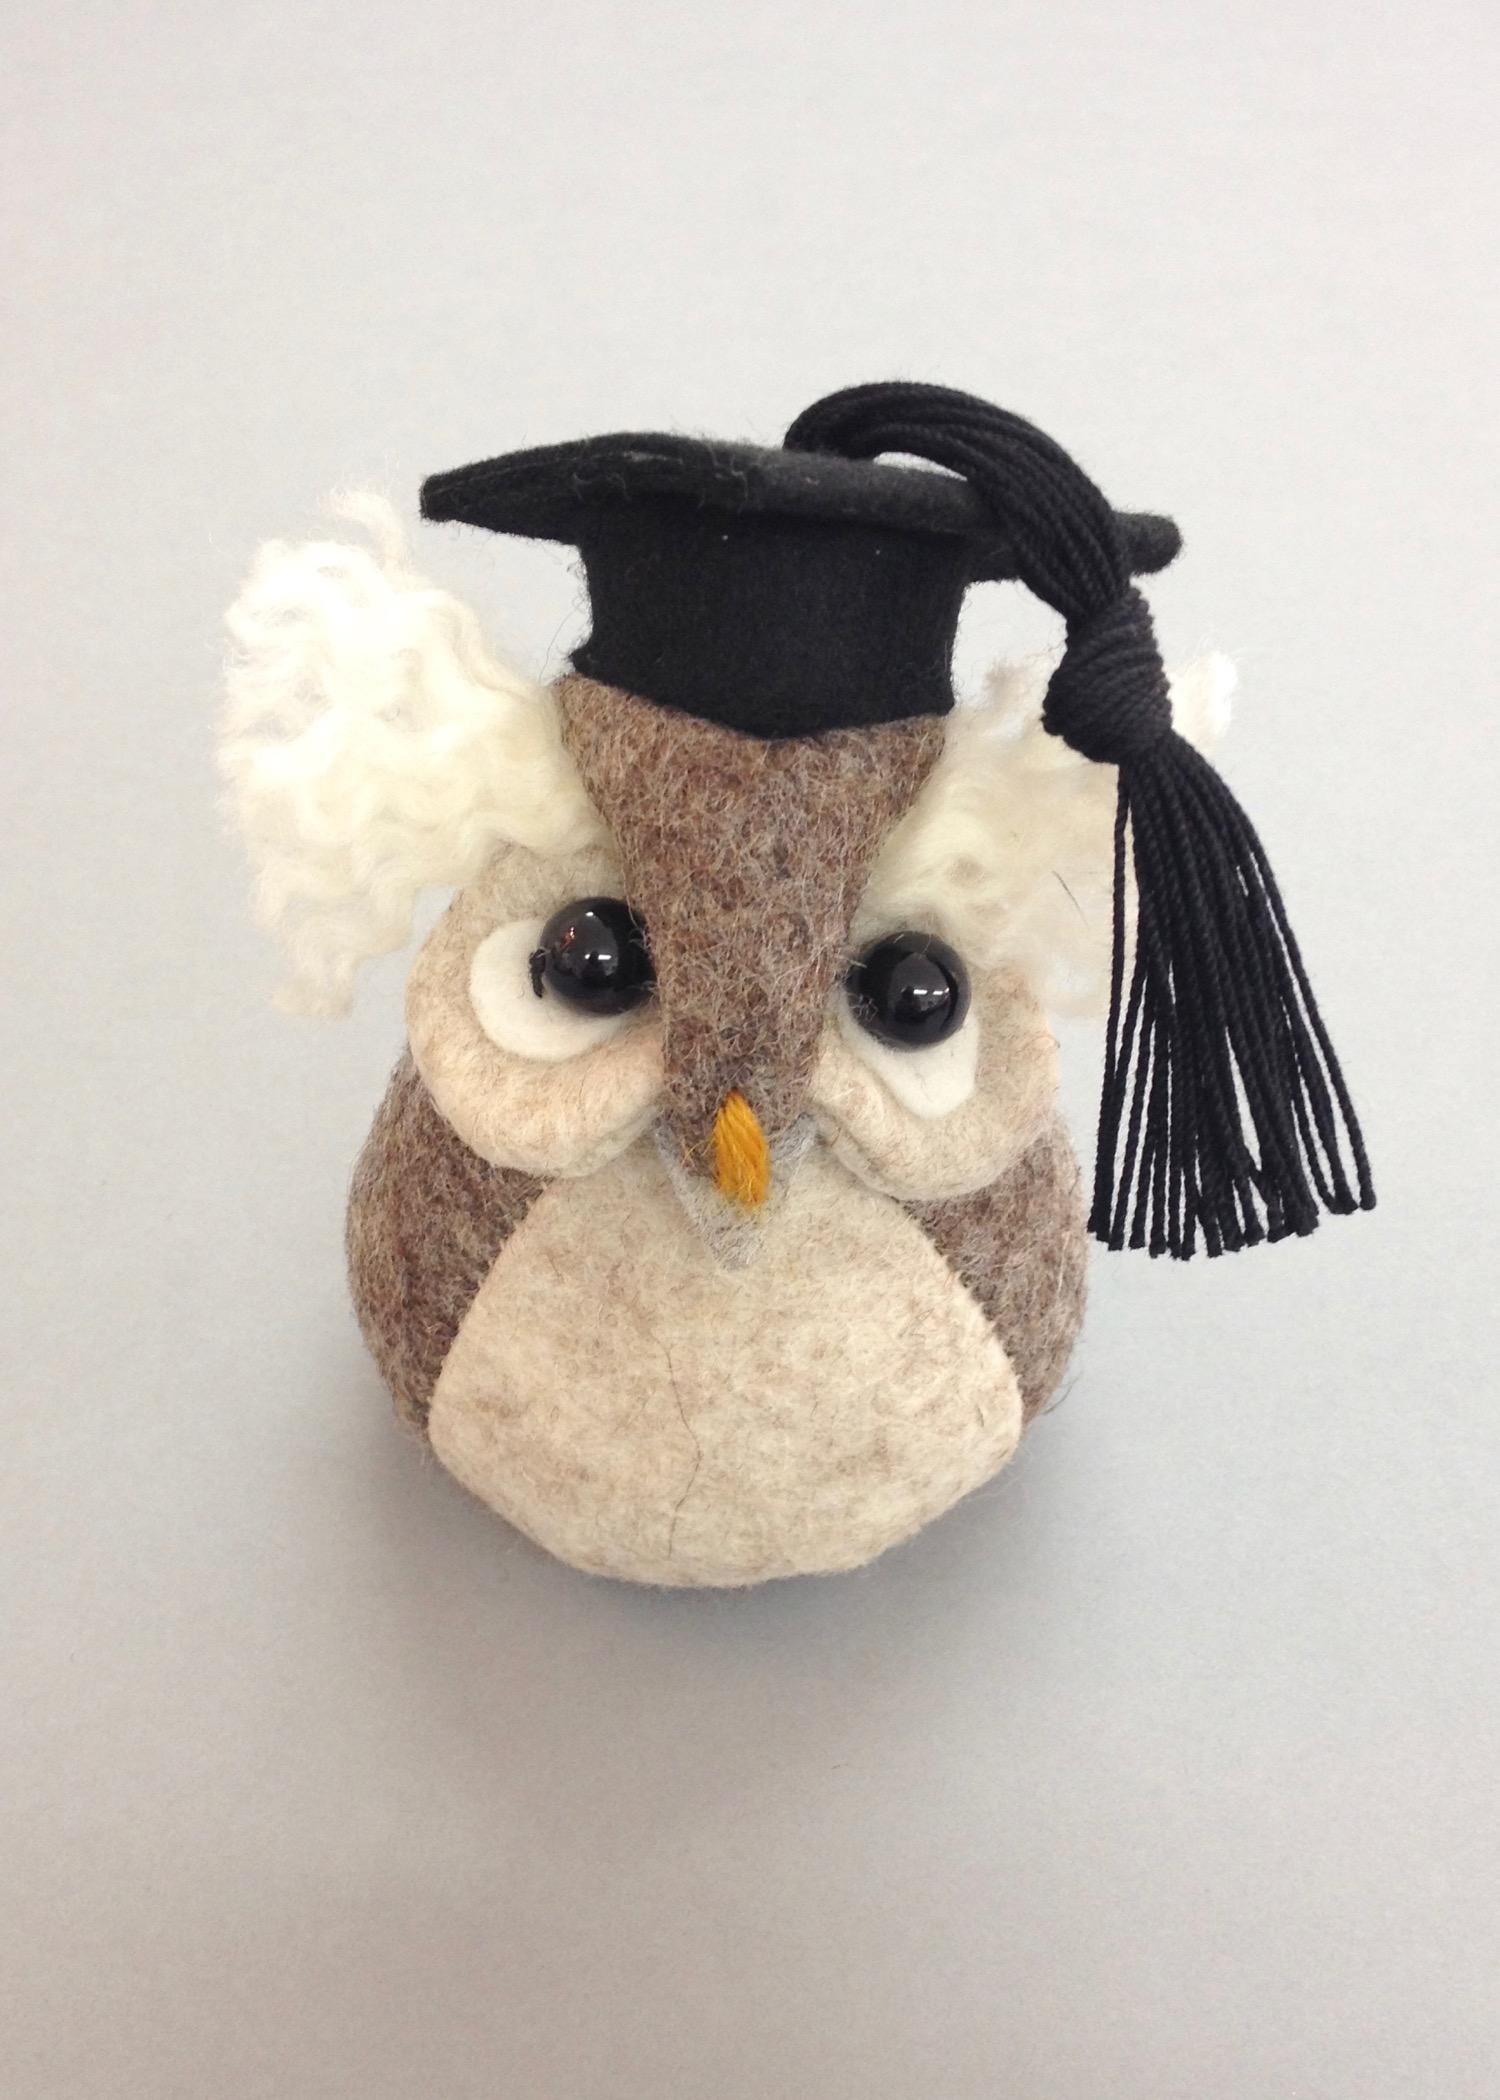 Ollie the Graduation Owl  felt